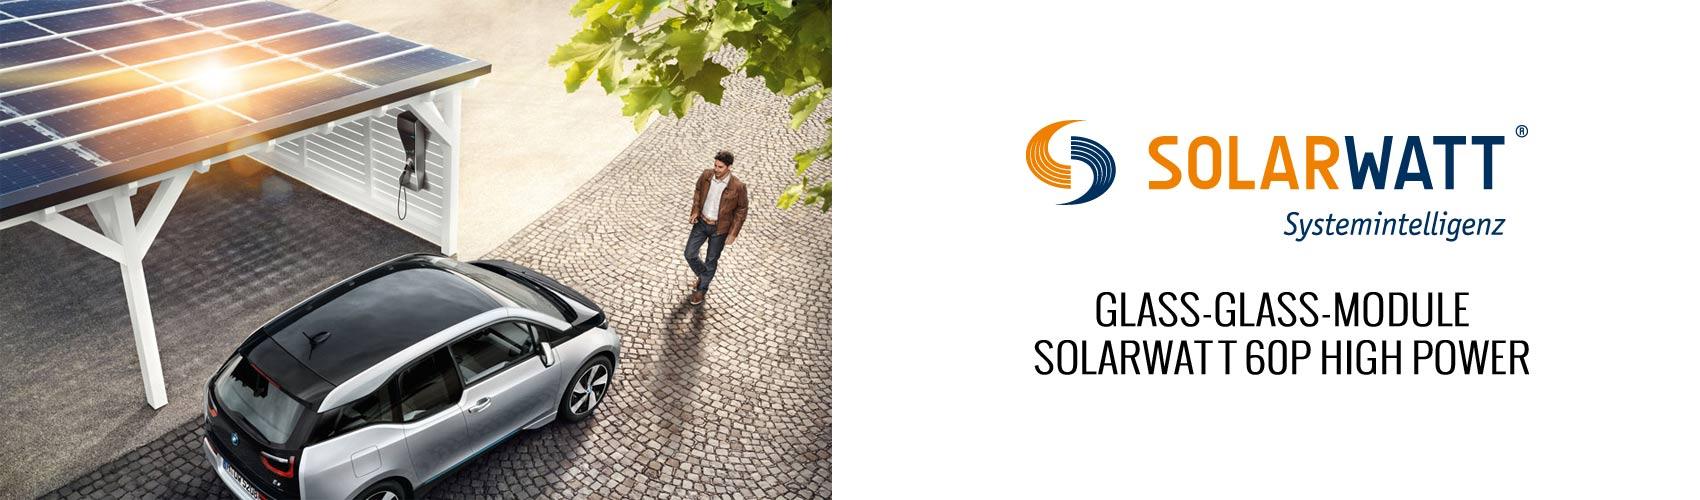 solarwatt-glass-glass-EN